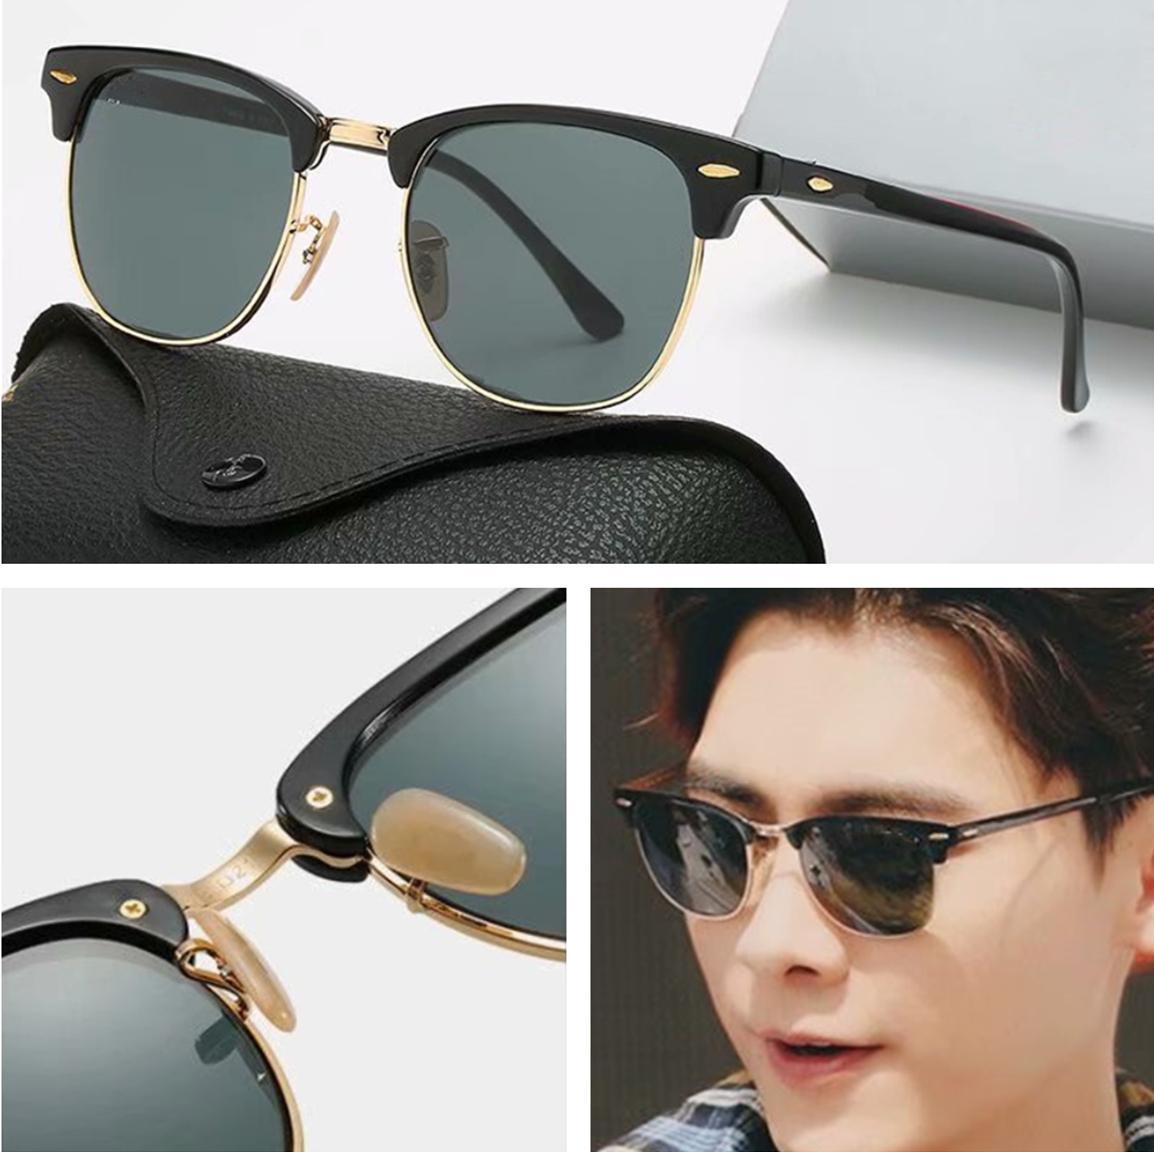 الفاخرة الجديدة ماركة الاستقطاب مصمم نظارات الرجال النساء الطيار النظارات الشمسية uv400 نظارات نظارات إطار معدني البولارويد عدسة نظارات الشمس